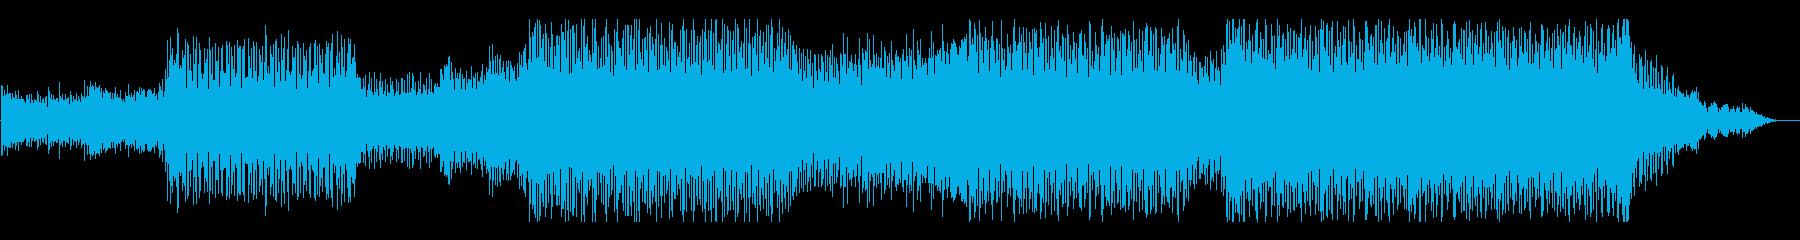 情熱的に大空を飛び回るEDMの再生済みの波形